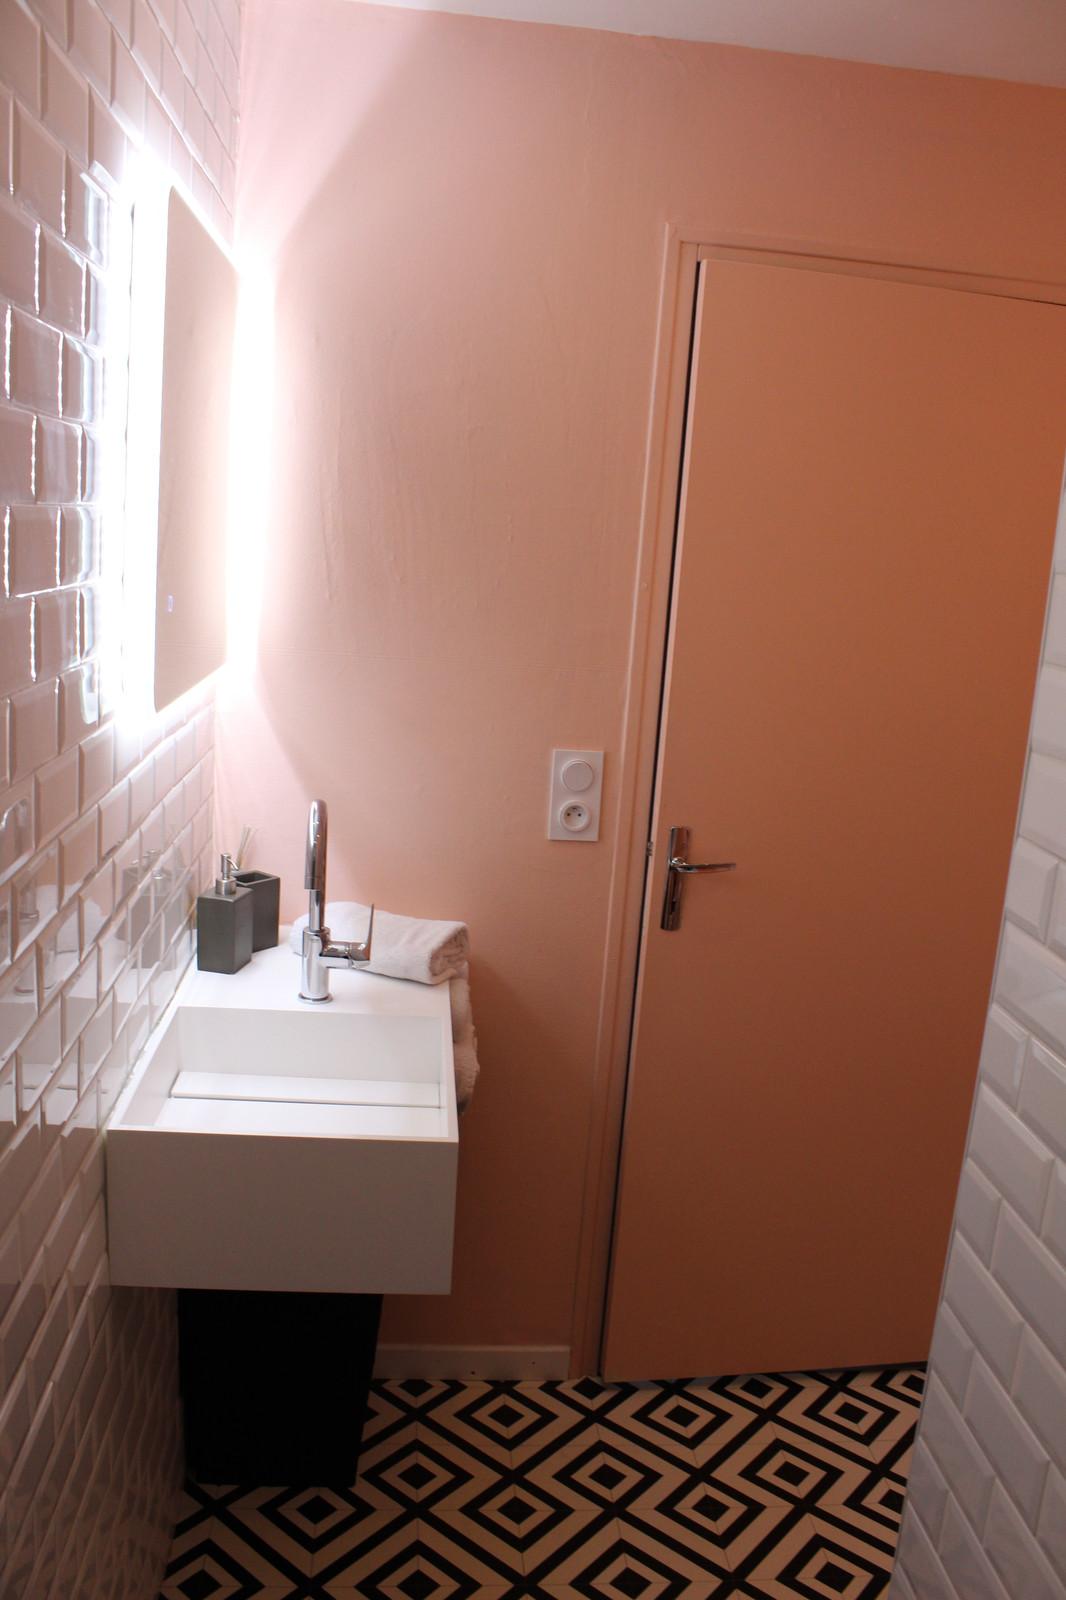 Salle De Bain Motif salle de bain sol motif